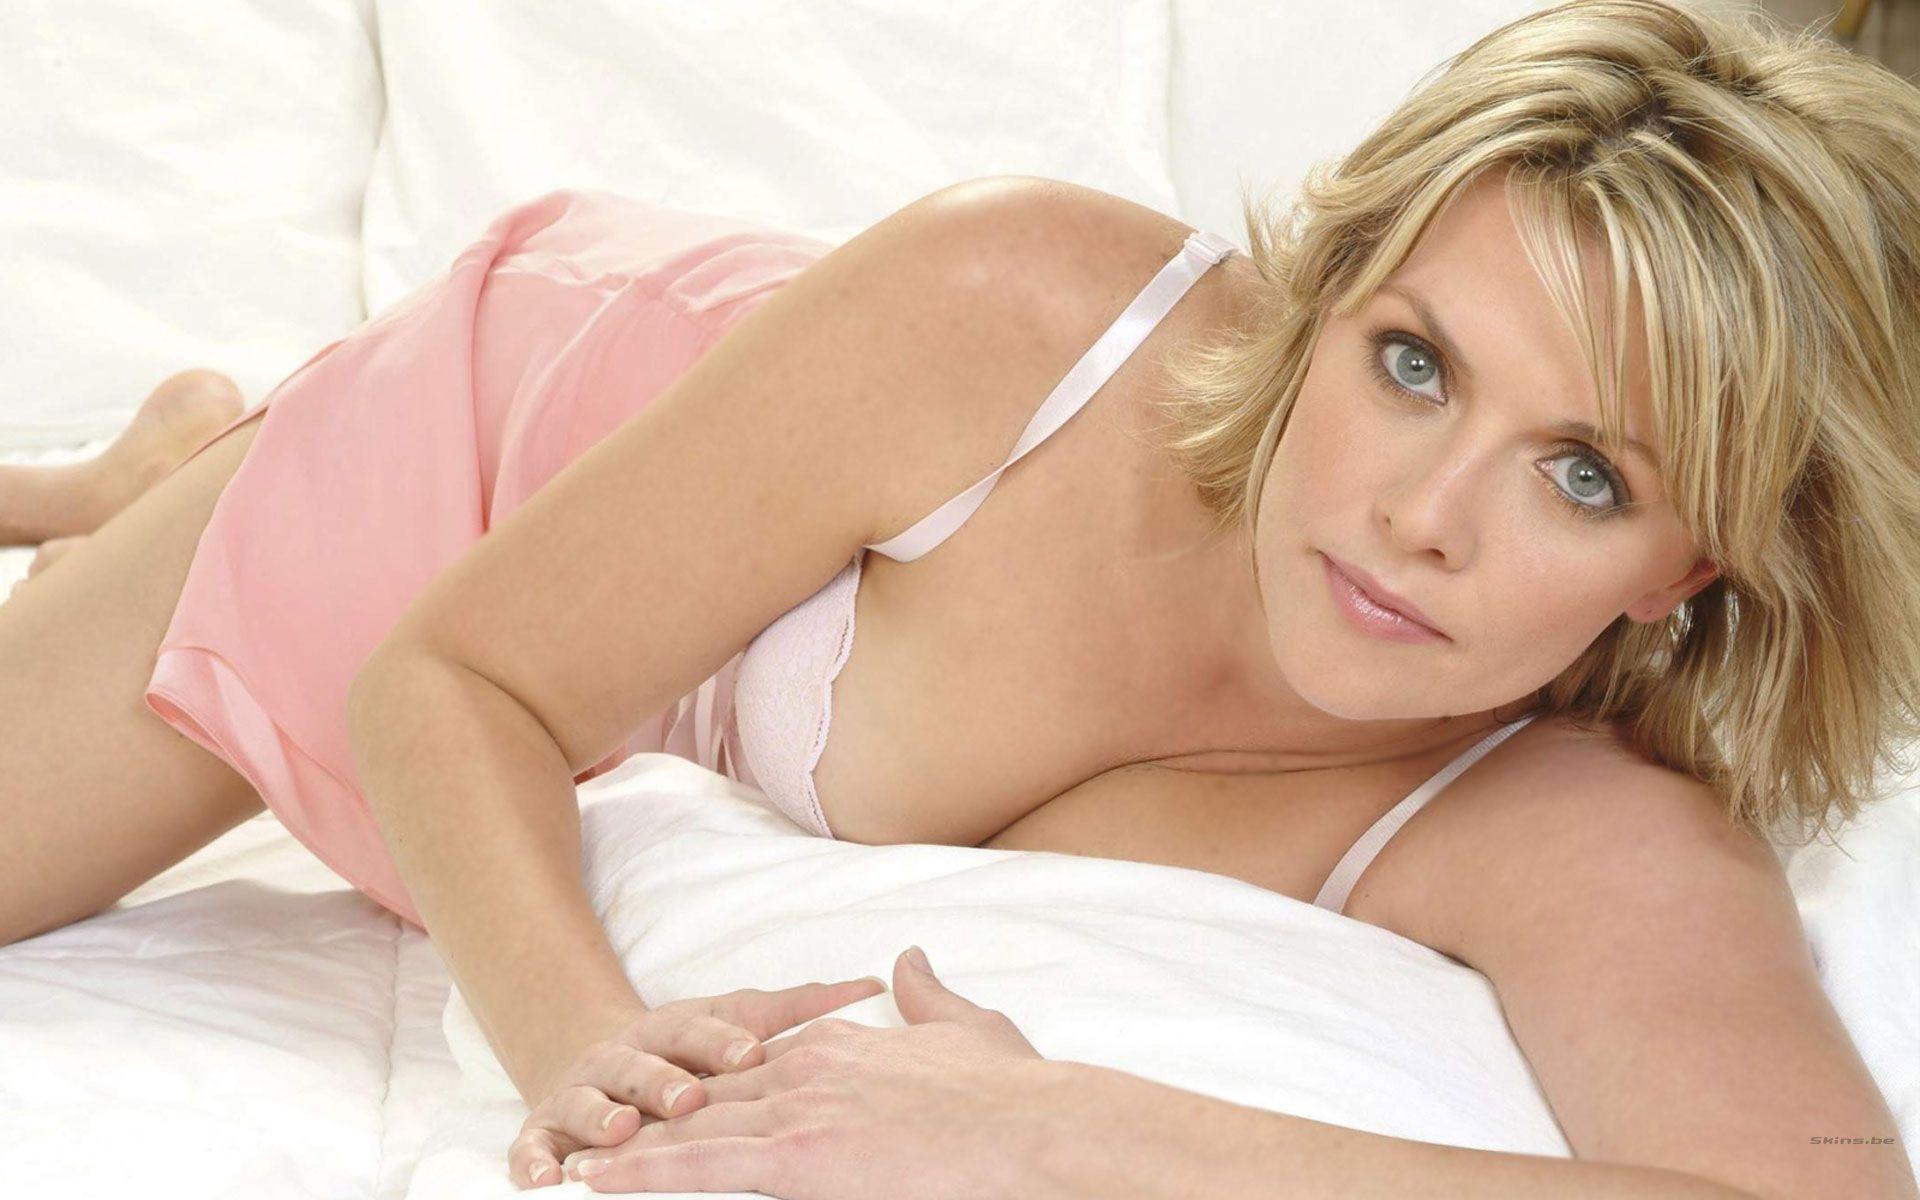 Amanda Tapping Sexy amanda tapping - google search | amanda tapping, amanda, women